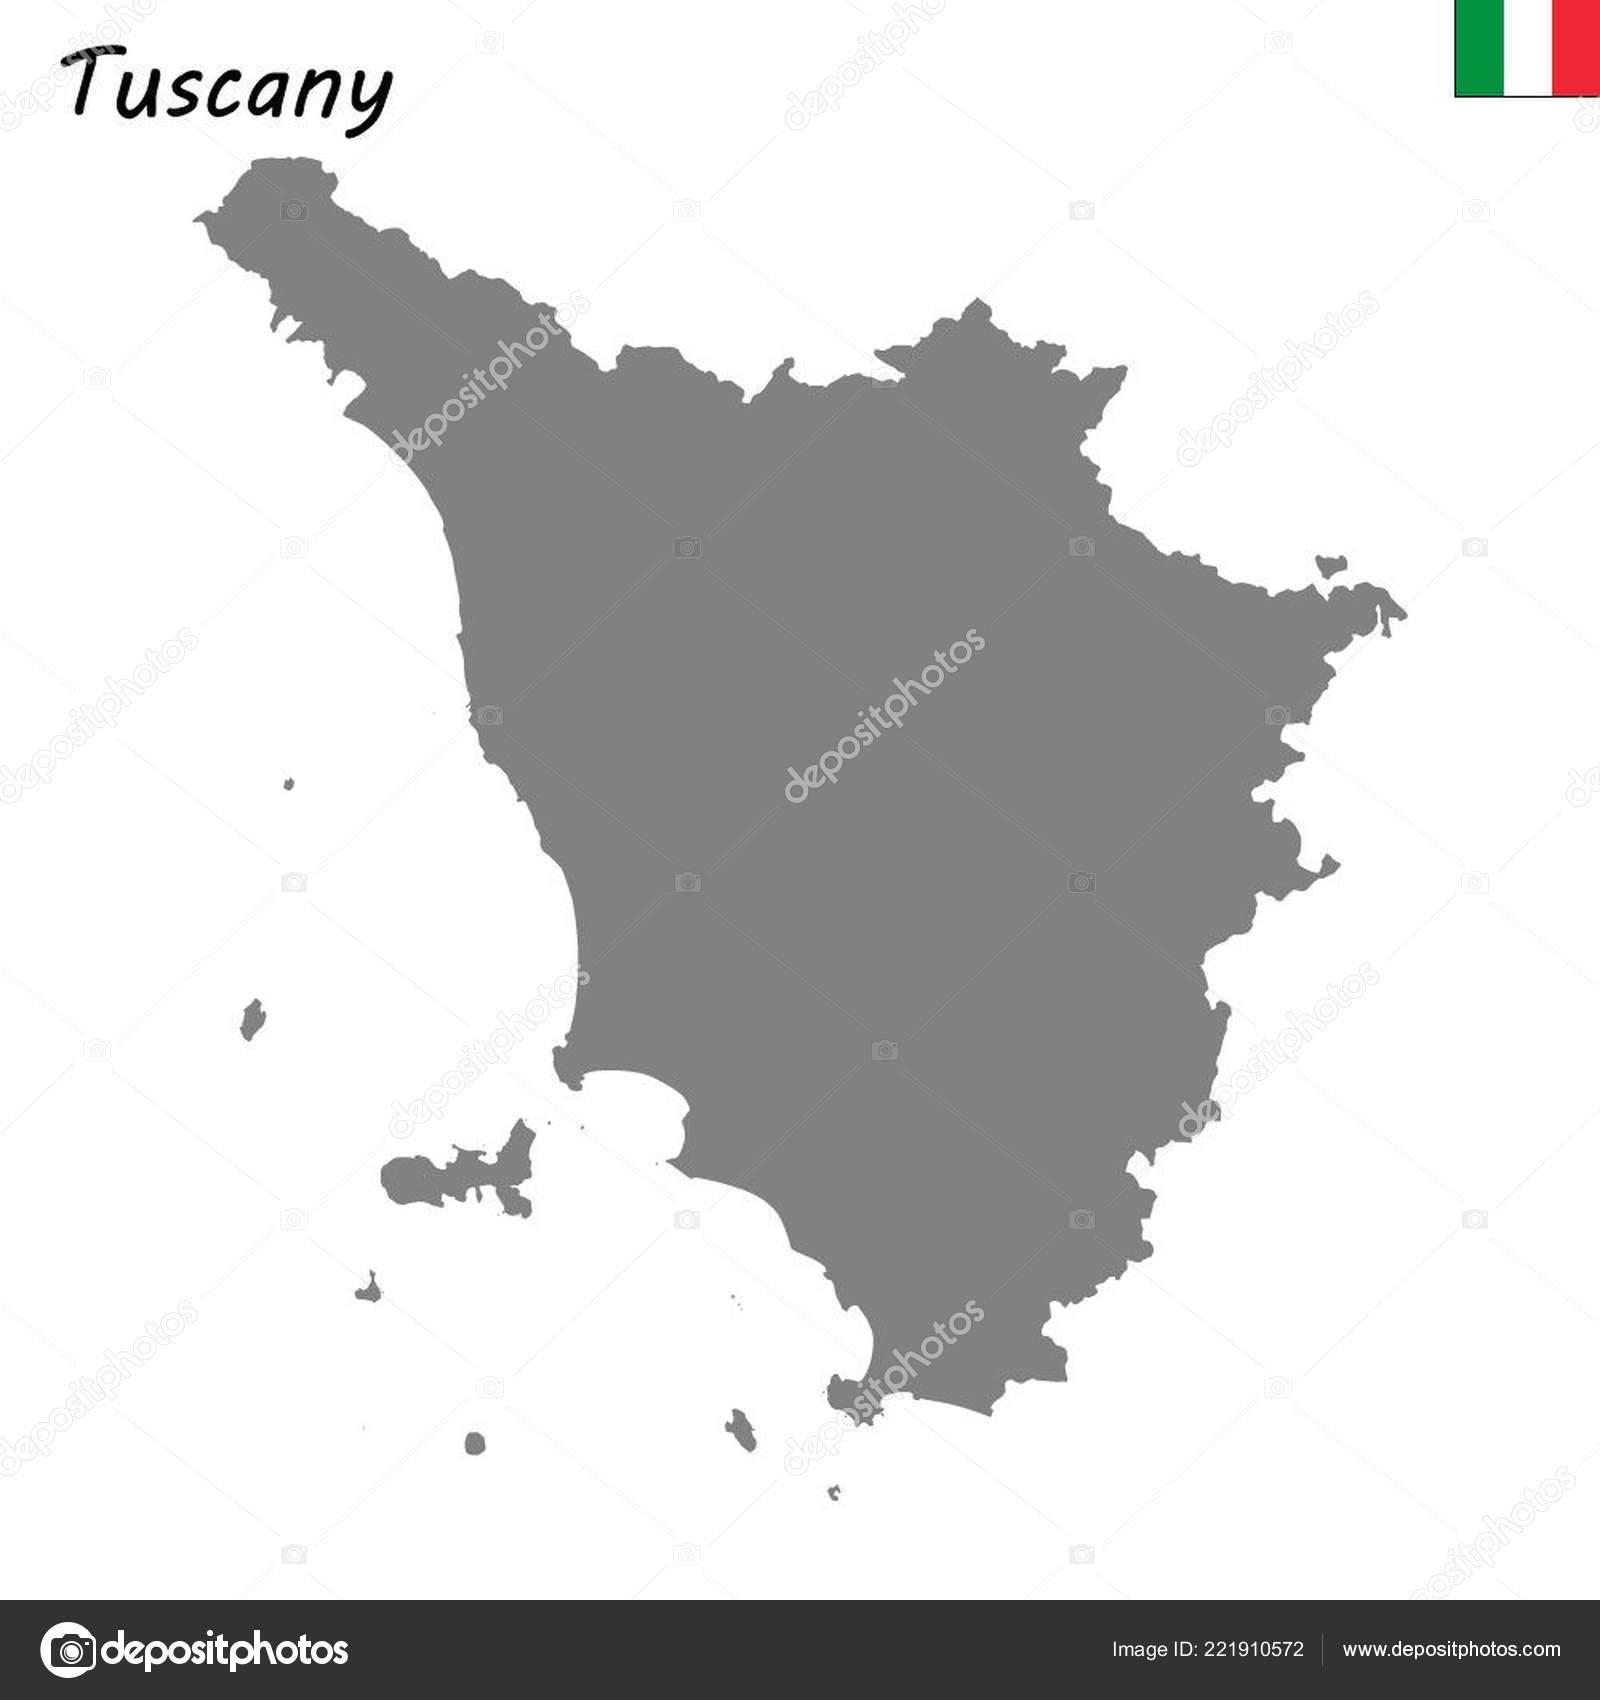 Map Of Italy Tuscany Region.High Quality Map Tuscany Region Italy Stock Vector